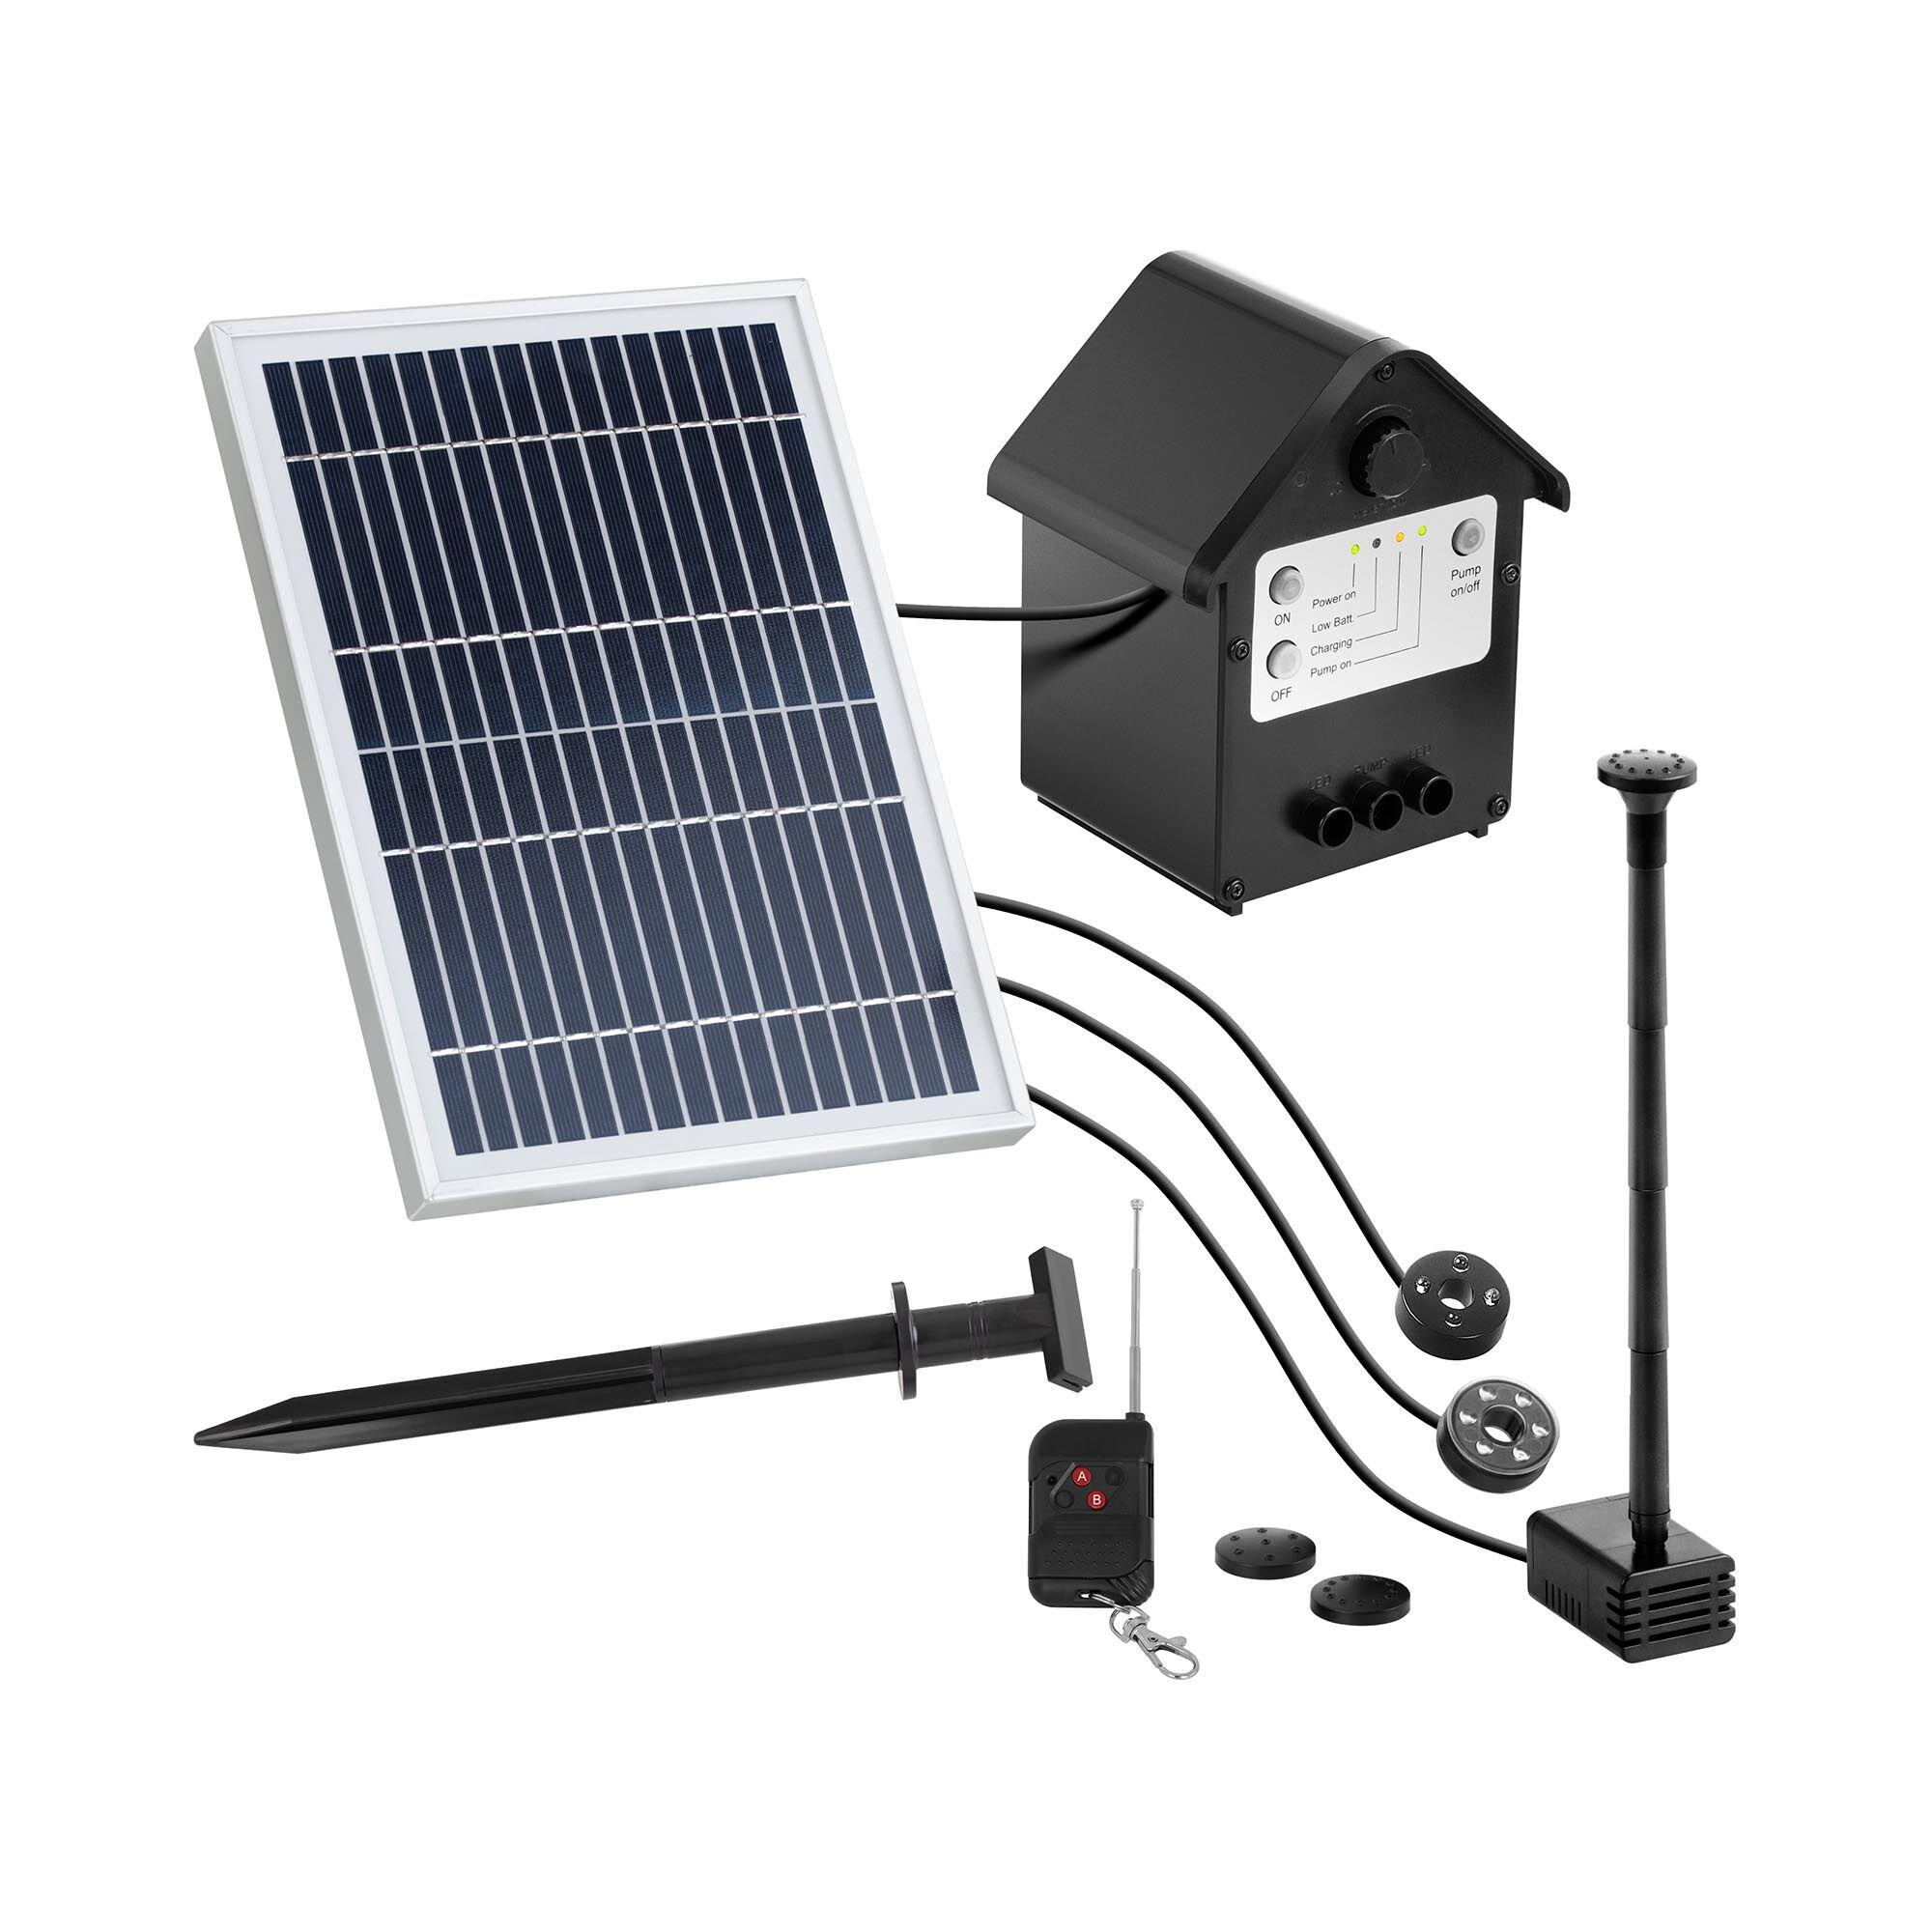 Uniprodo Pompe solaire pour bassin - 250 l/h - LED - Télécommande UNI_PUMP_12